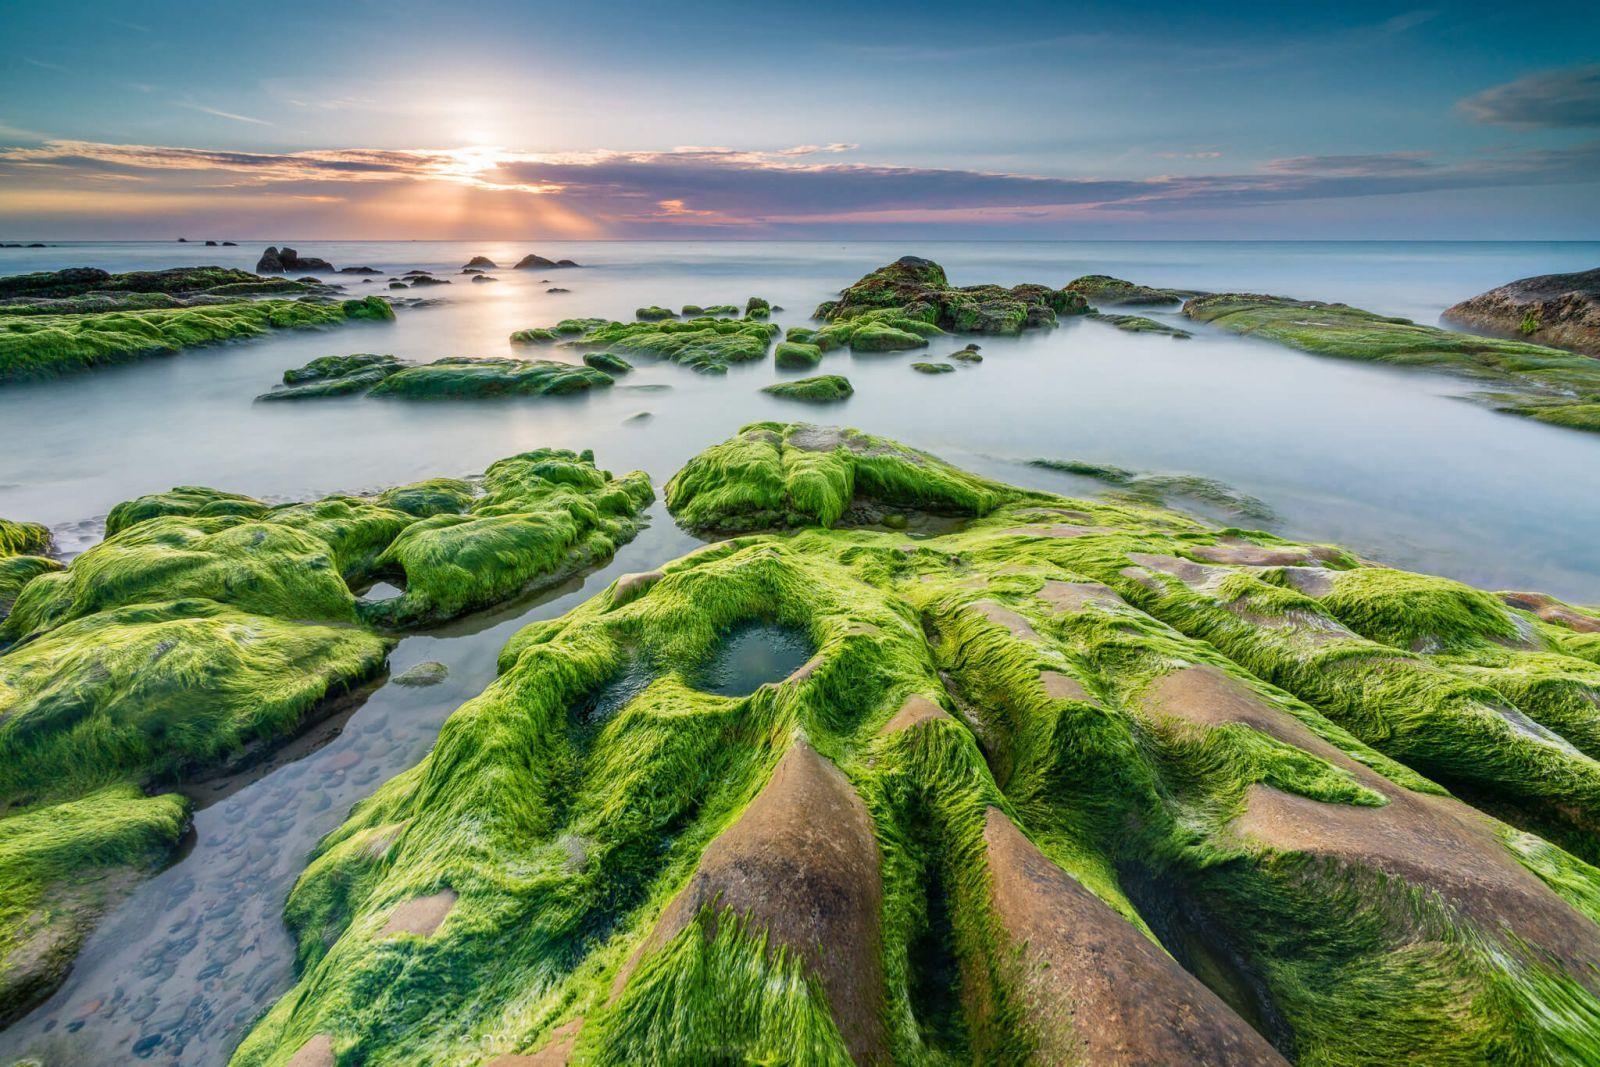 Khám phá vẻ đẹp hoang sơ của bãi Rạn Nam Ô ở Đà Nẵng